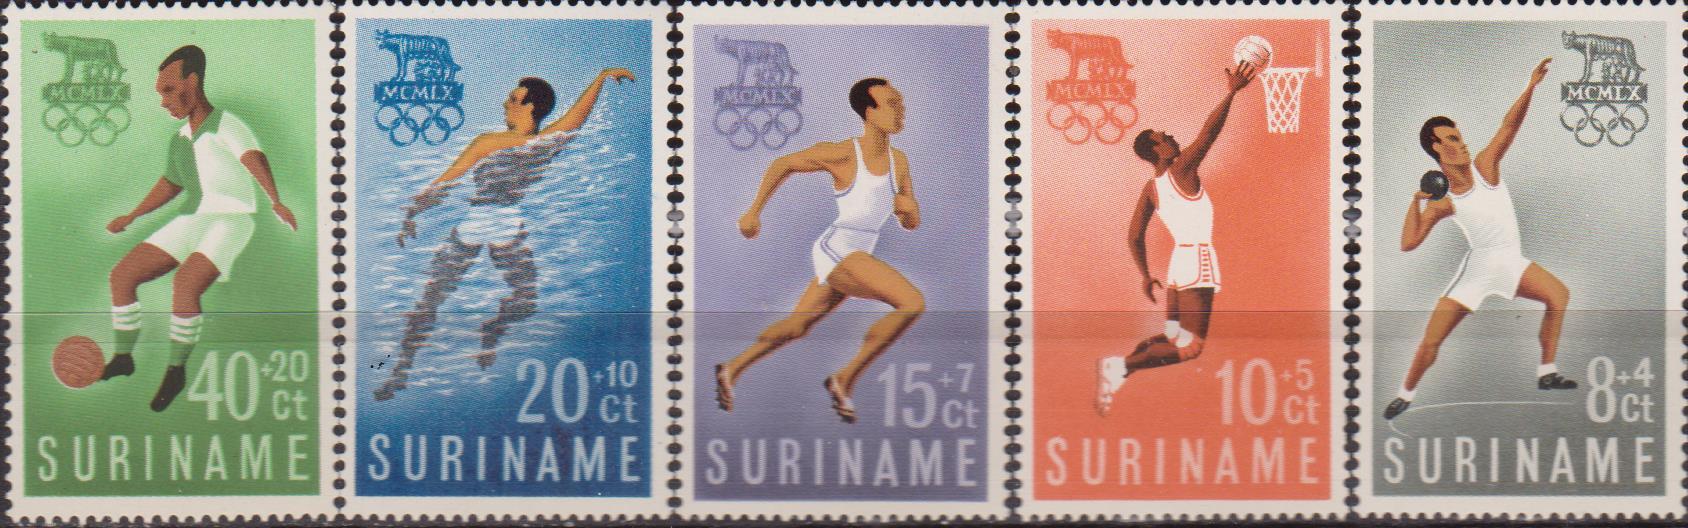 olimpiadi-sport-007